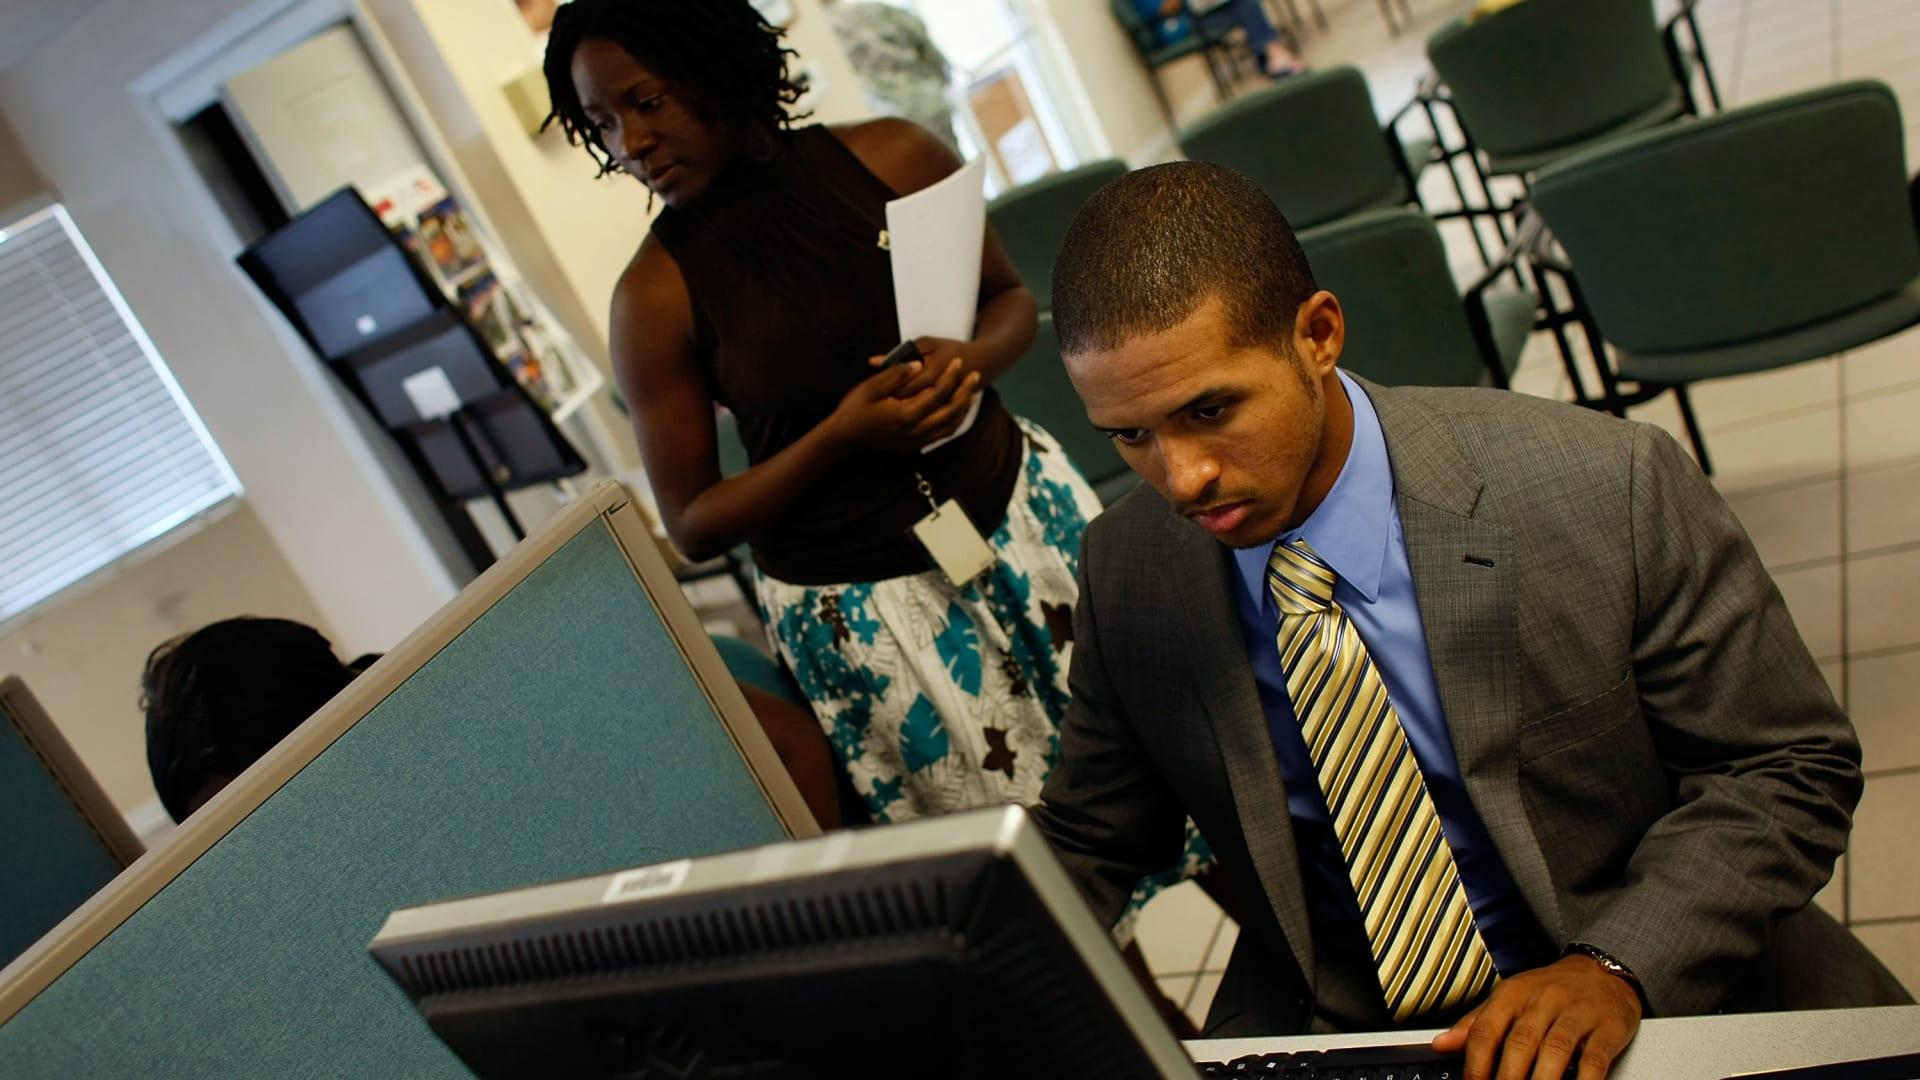 هل تعلم ما هو أسلوب التواصل المفضل لدى أصحاب العمل بالمنطقة؟